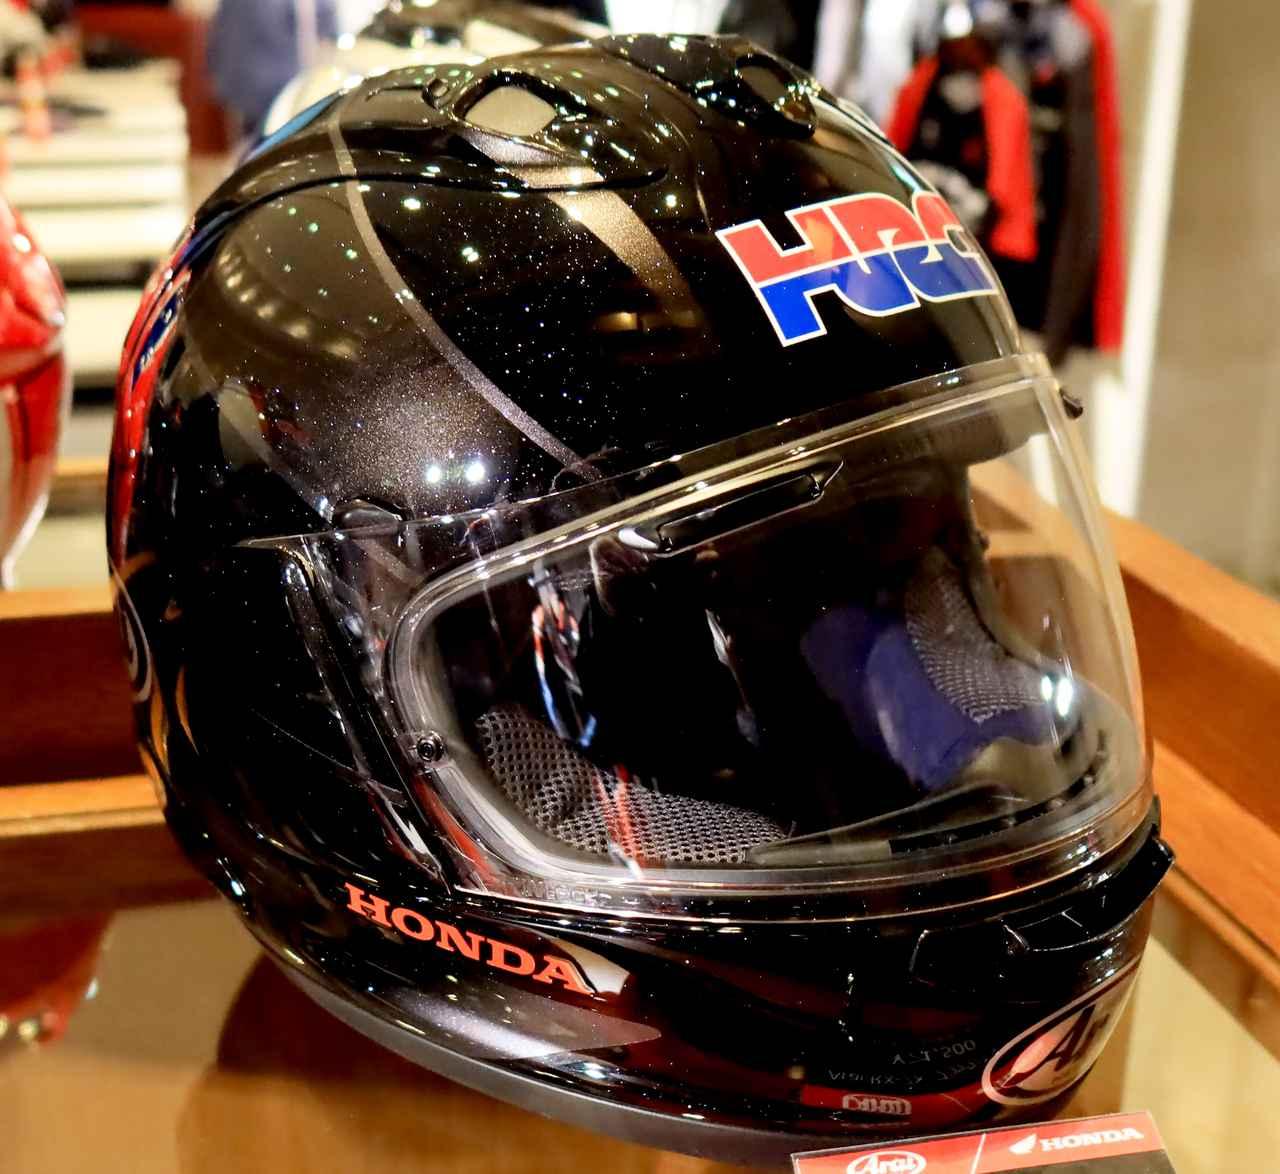 画像3: アライ×ホンダの特注「RX-7X」、額にはHRC! CBR1000RR-Rにぴったりなフルフェイスヘルメットがお披露目された!